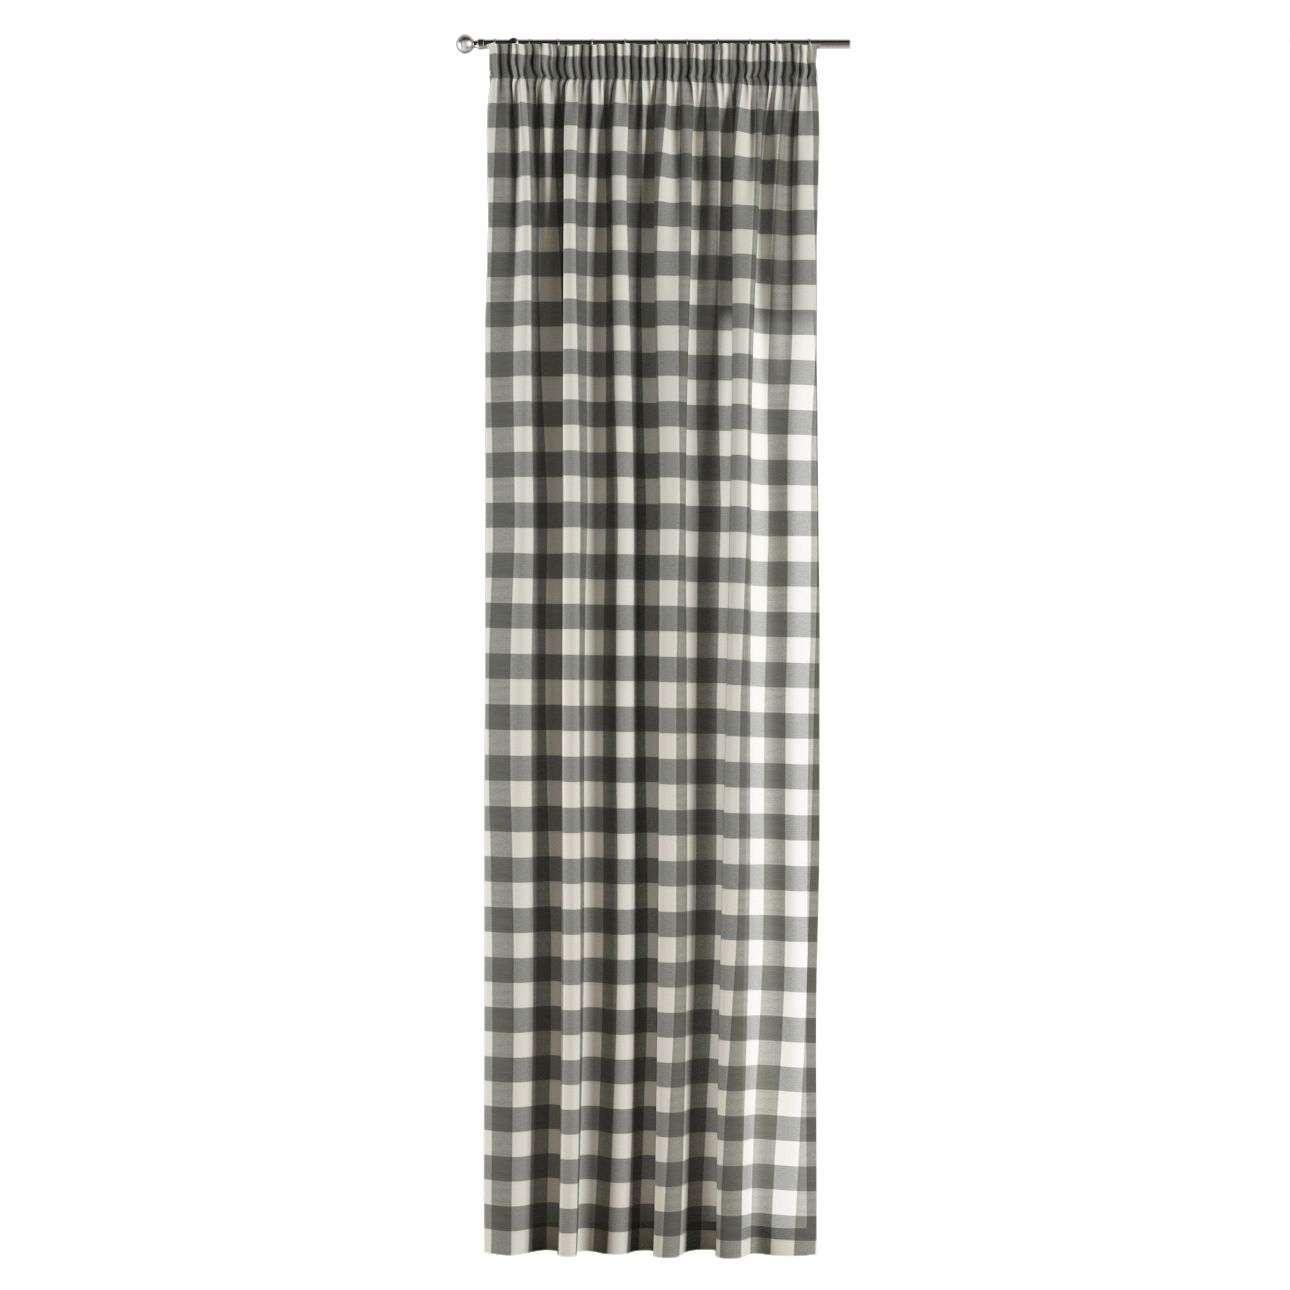 Zasłona na taśmie marszczącej 1 szt. 1szt 130x260 cm w kolekcji Quadro, tkanina: 136-13